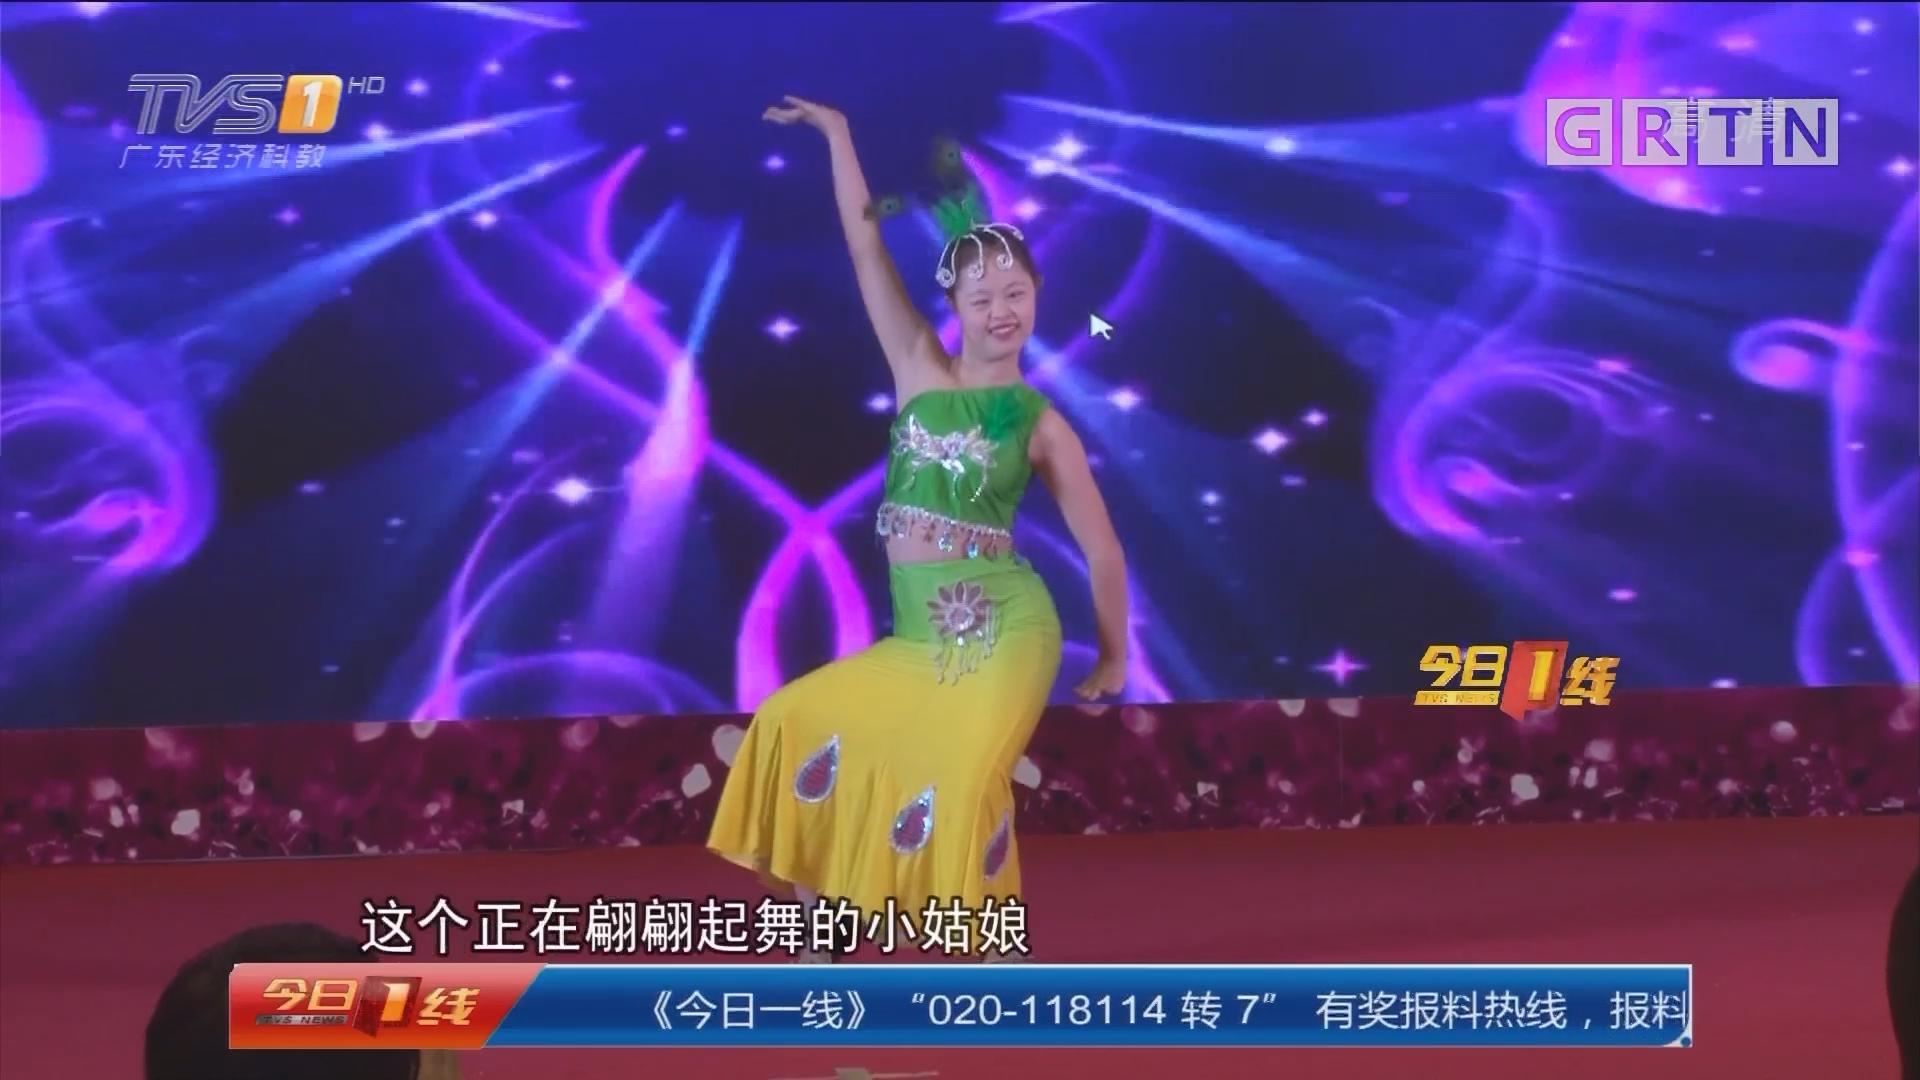 广州番禺:翩翩孔雀 自闭女孩的舞蹈梦